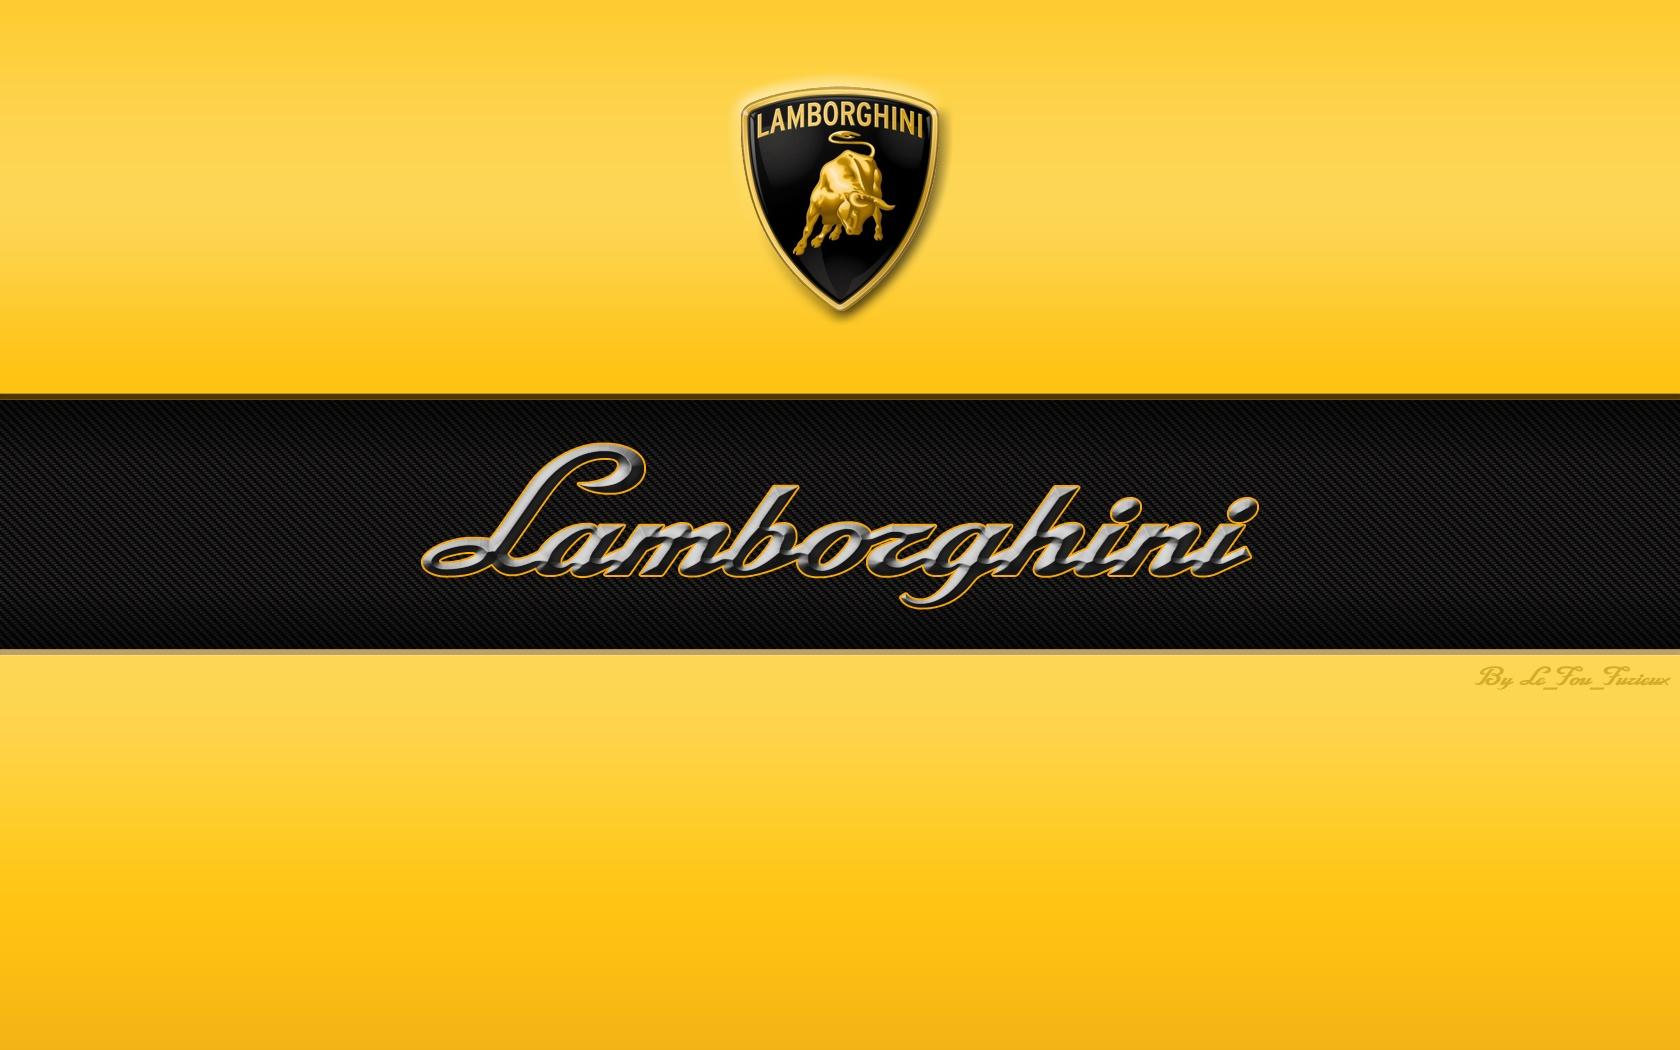 Lamborghini branding Wallpaper